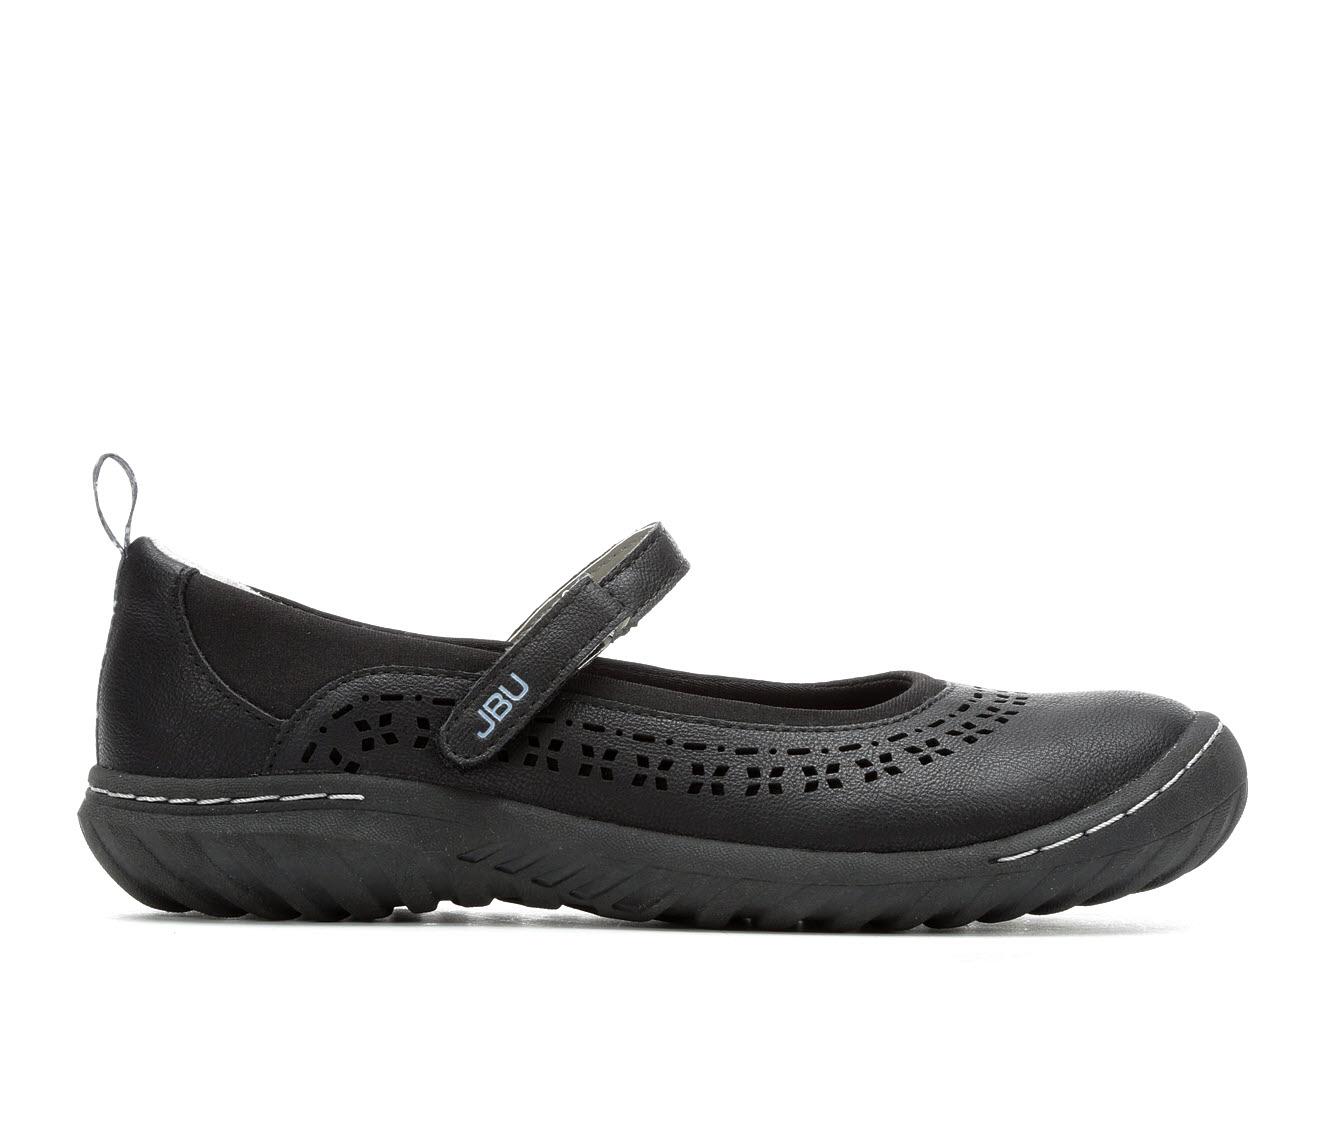 JBU by Jambu Dalton Women's Shoe (Black Faux Leather)